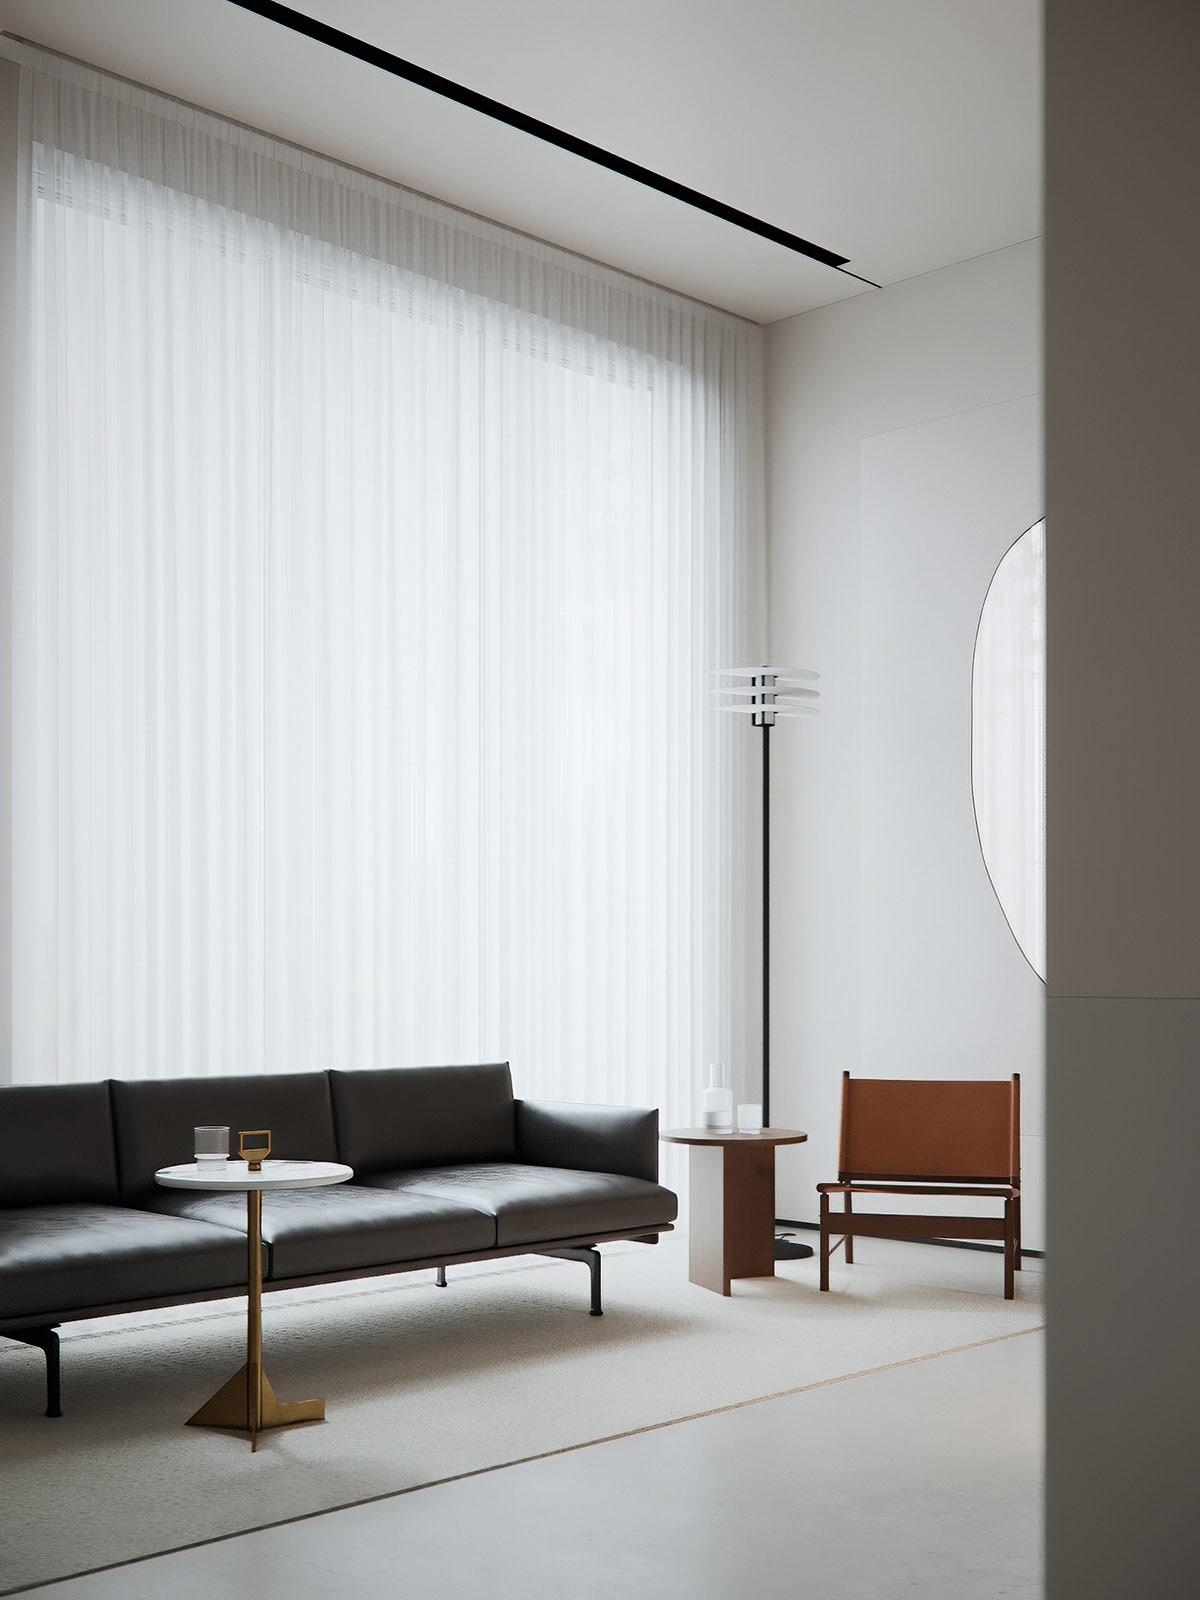 Gương treo tường cùng sơn màu trắng chủ đạo góp phần khuếch tán ánh sáng tự nhiên từ khung cửa sổ cao rộng.